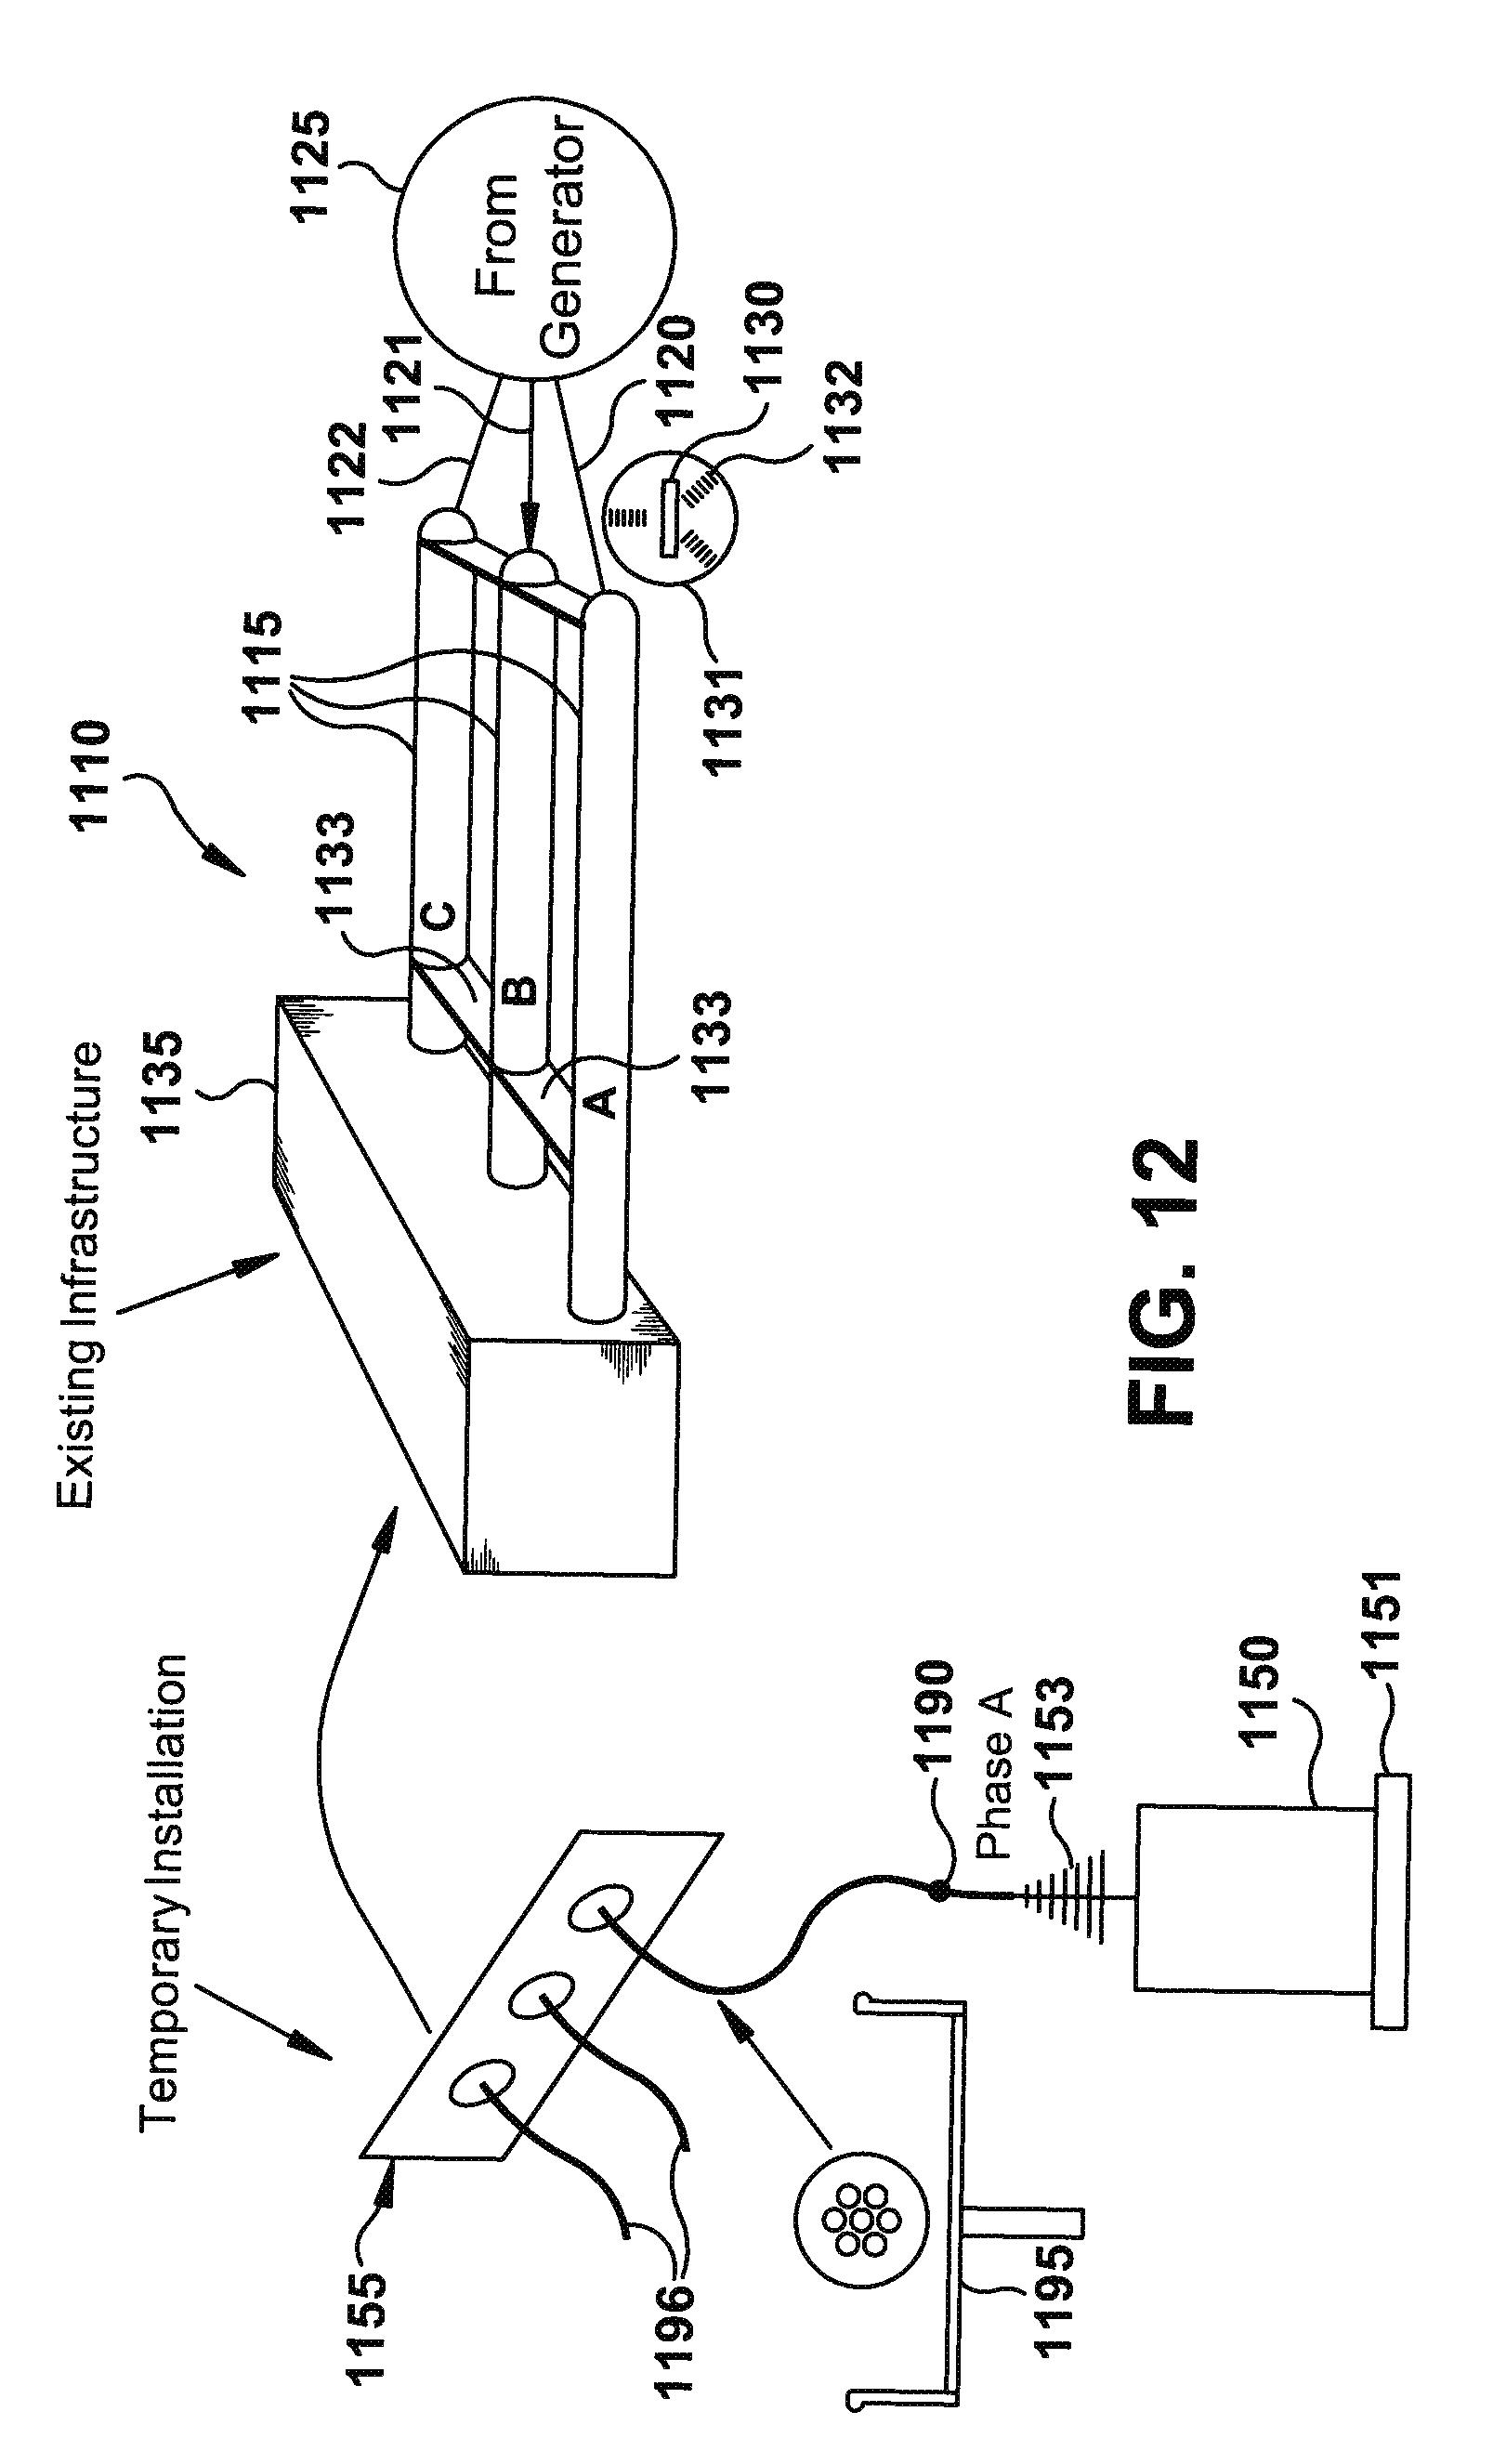 patent us20100090543